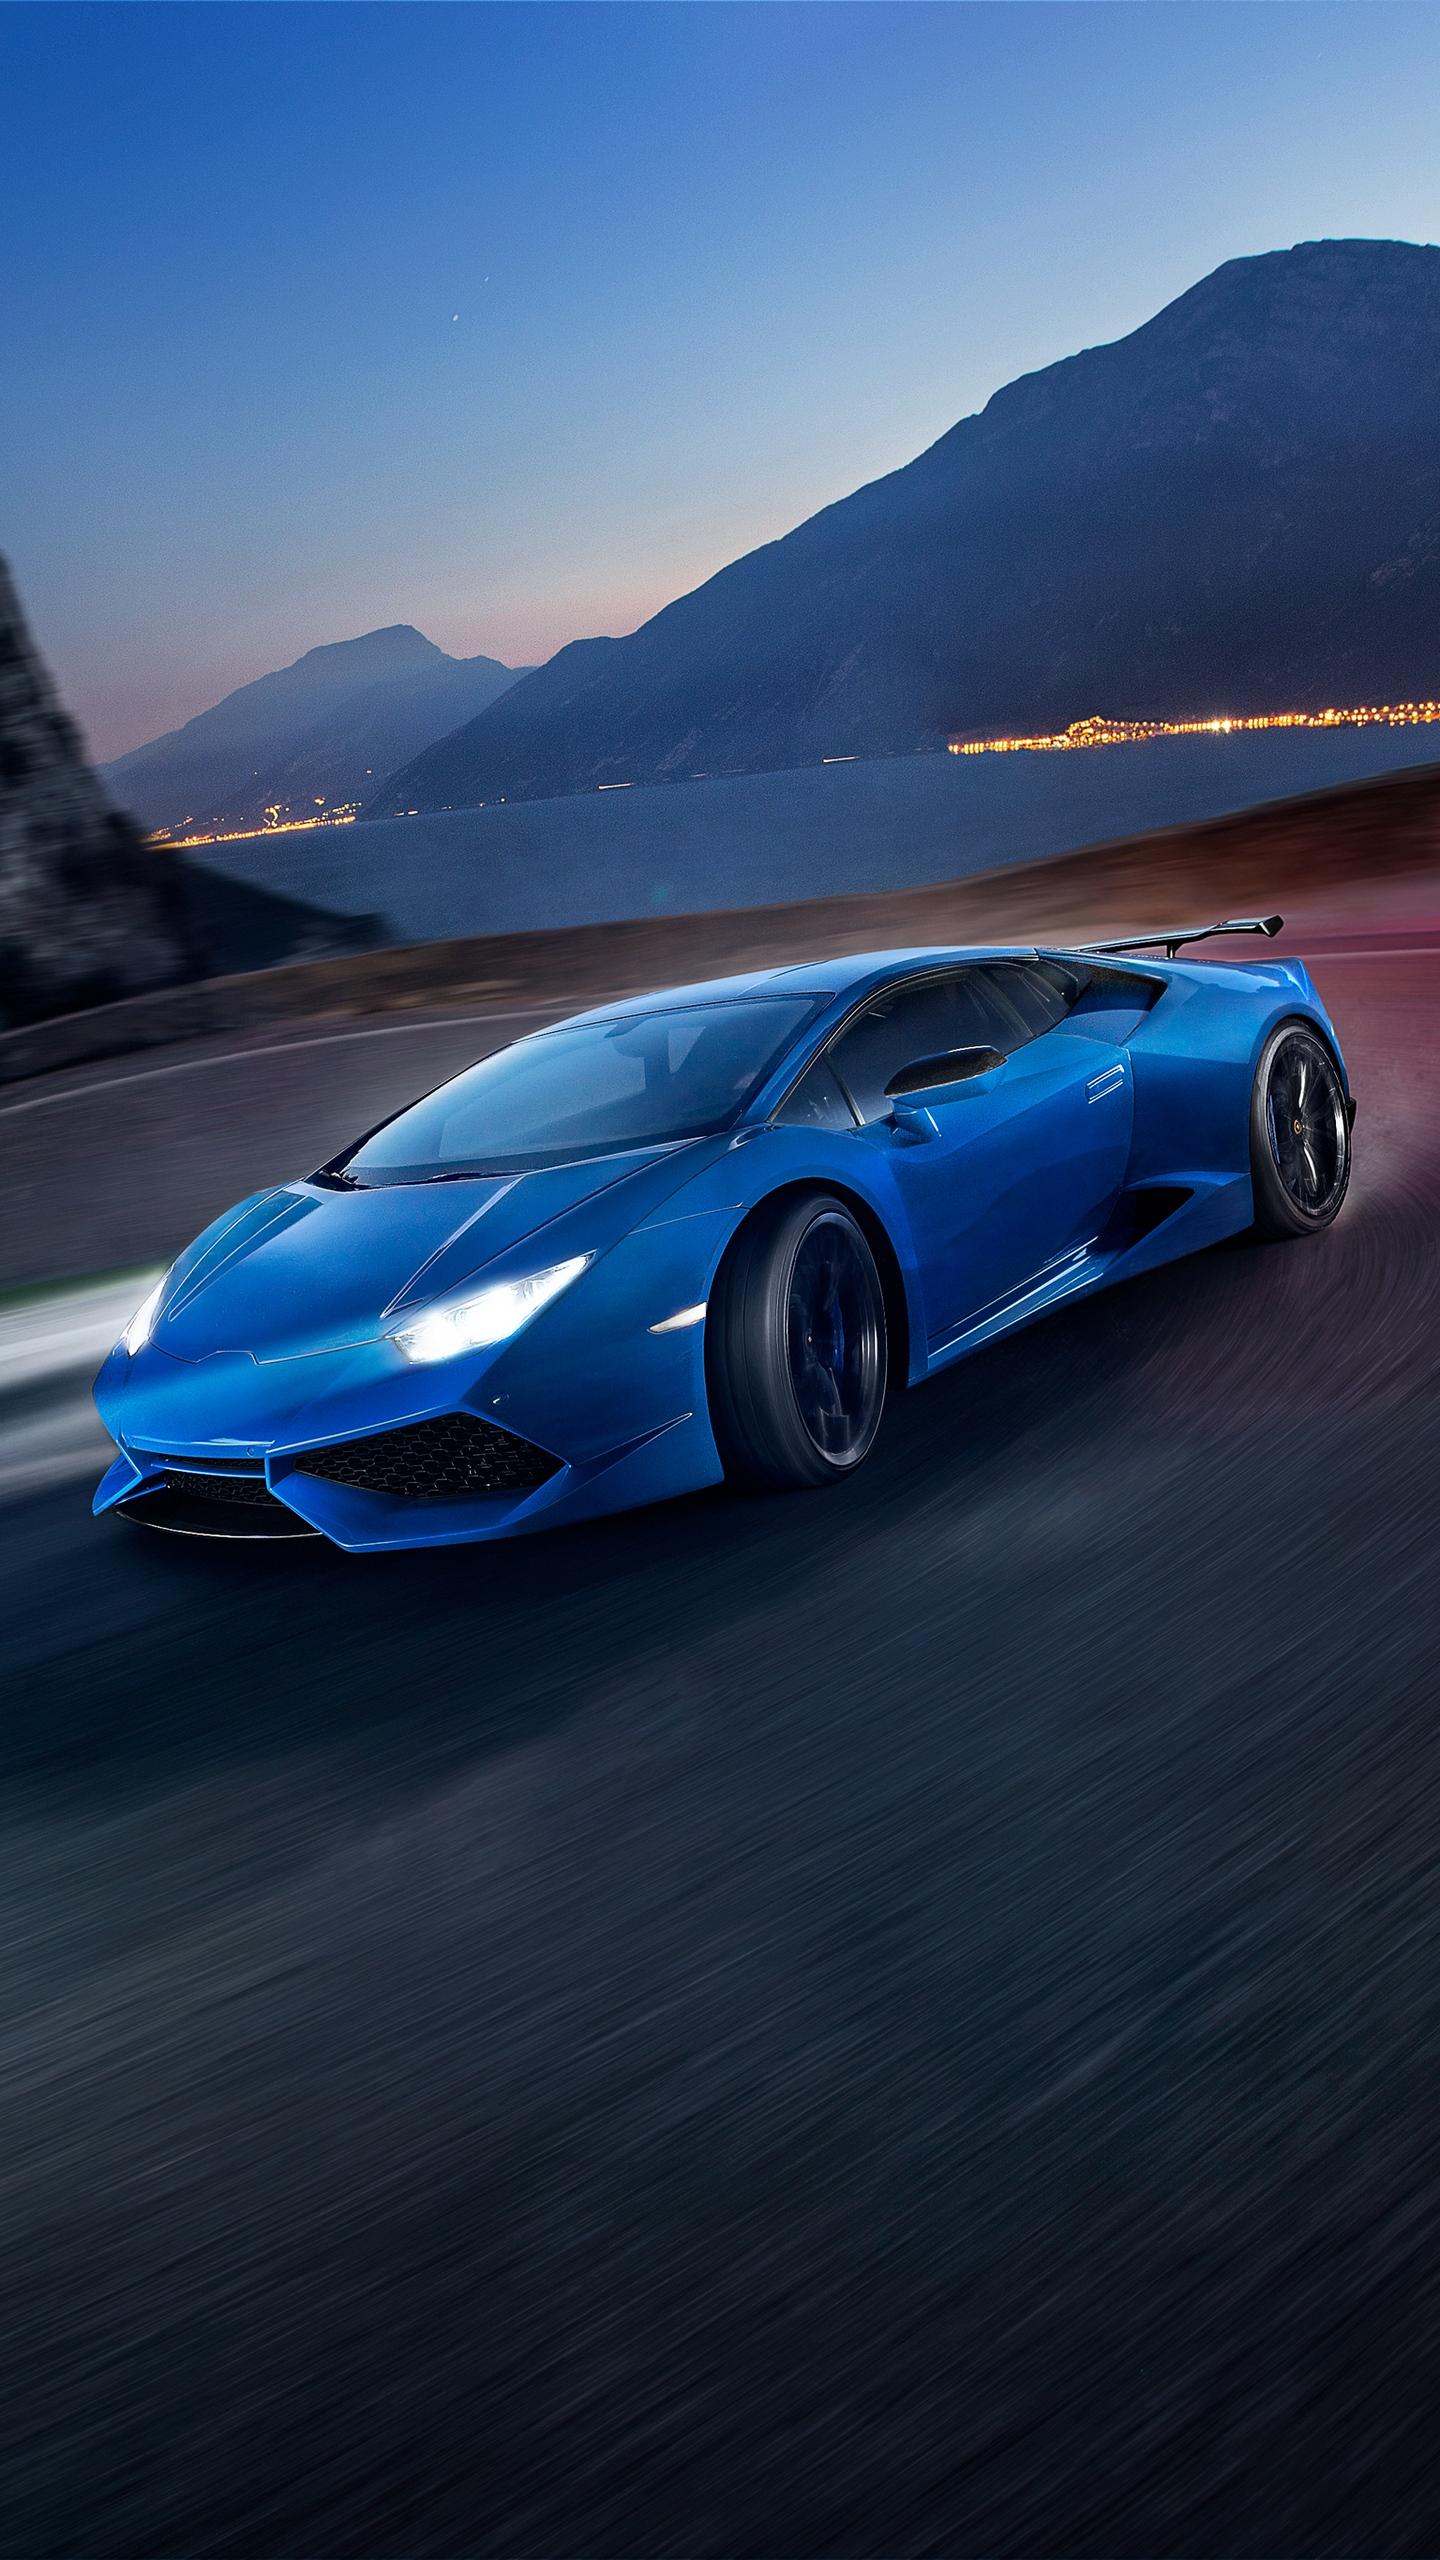 Blue Lamborghini Wallpaper For Iphone 1440x2560 Download Hd Wallpaper Wallpapertip